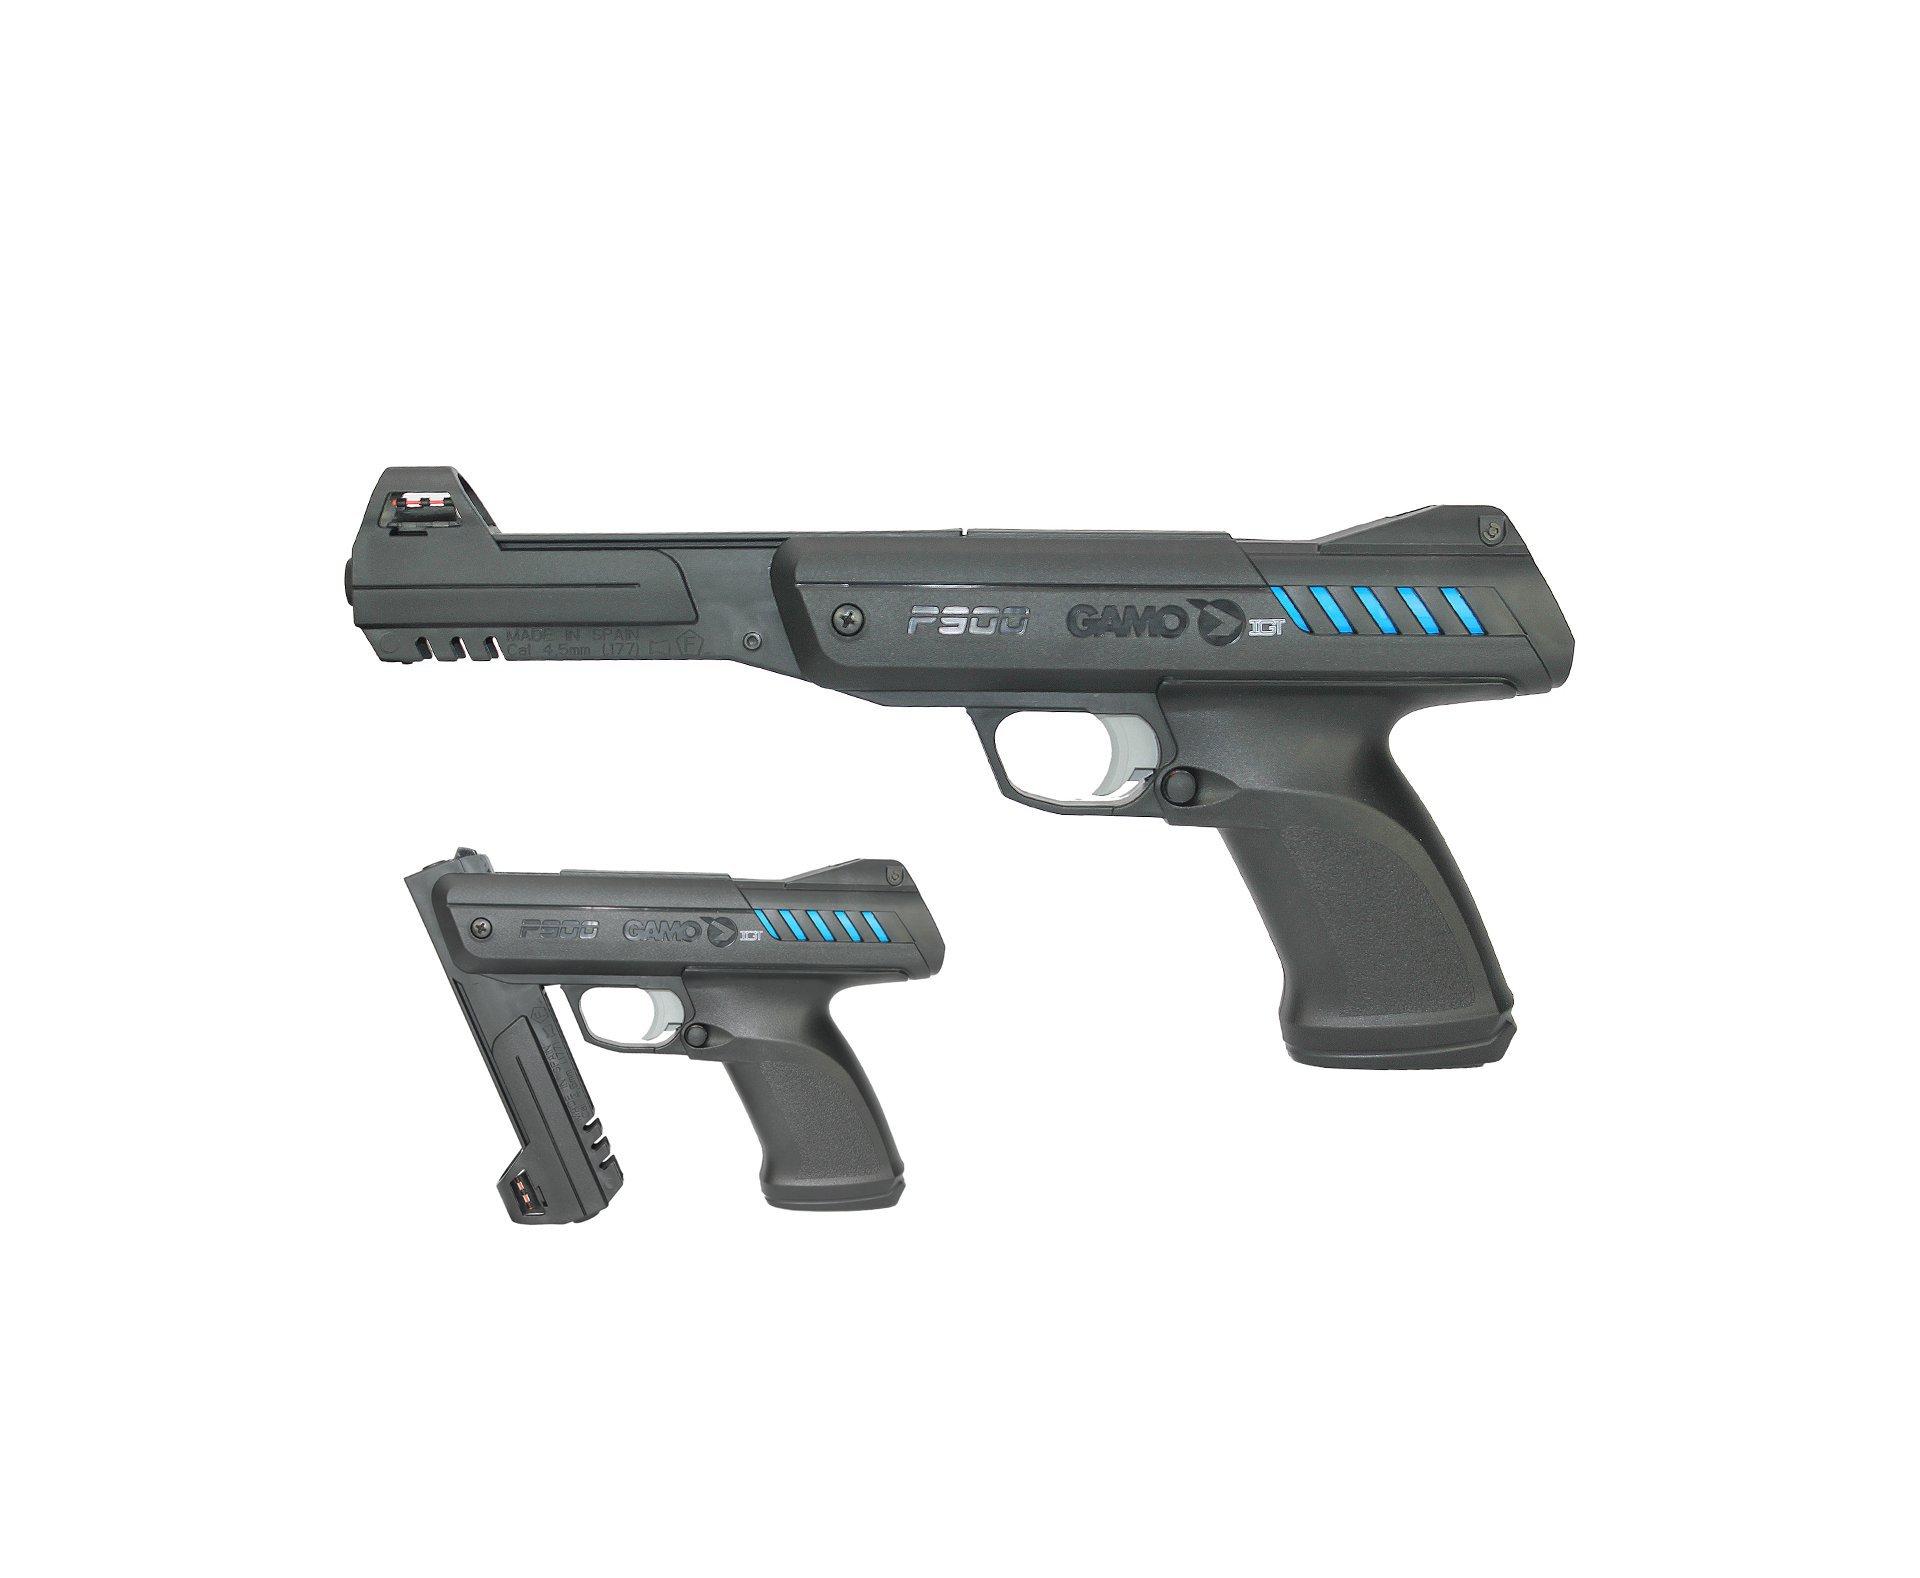 Pistola De Pressão Modelo P-900 Gas Ram Igt Cal 4.5mm